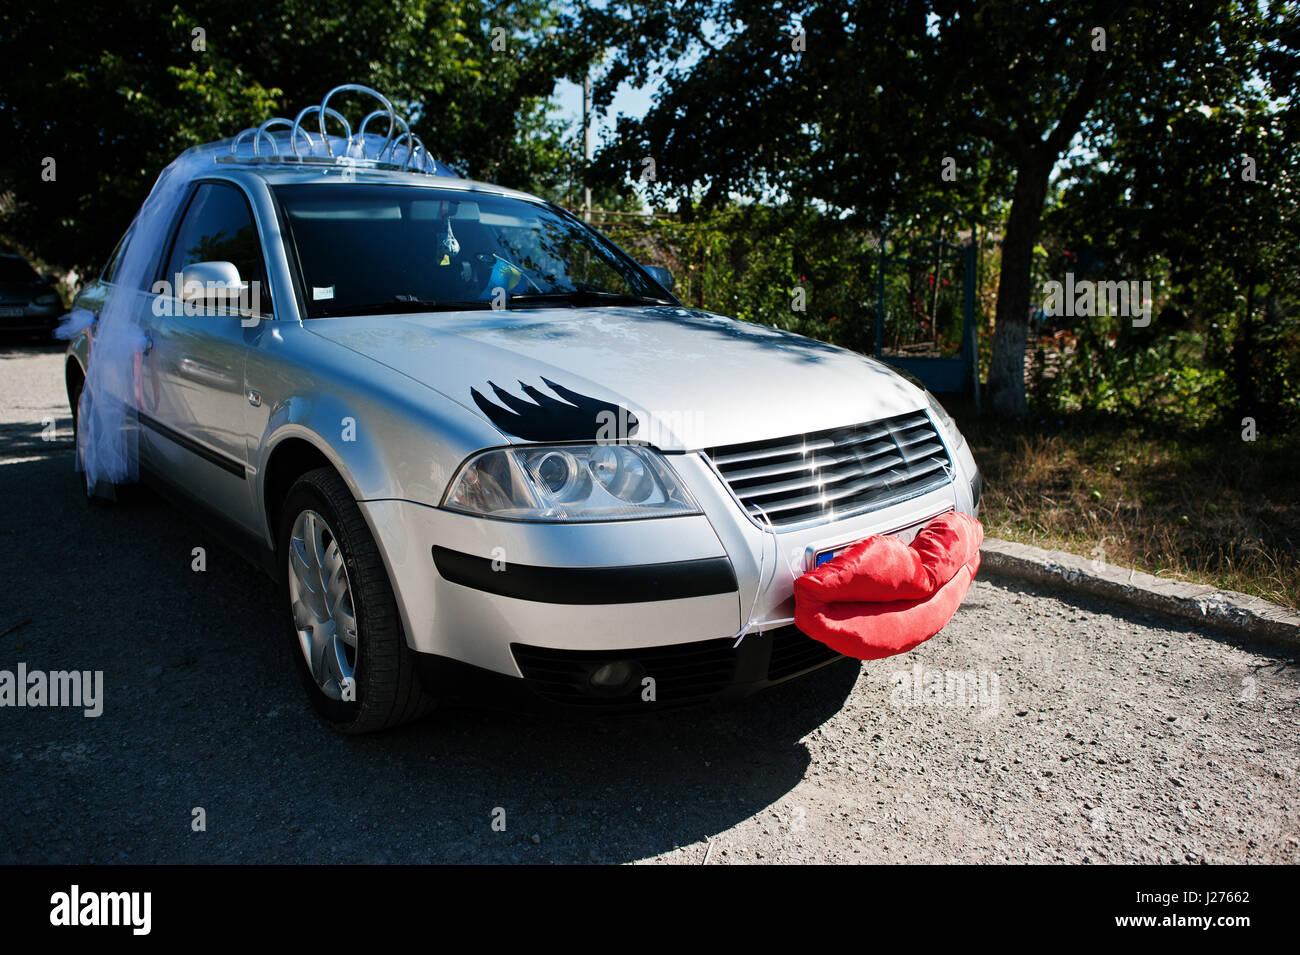 Car Eyelashes Stock Photos Car Eyelashes Stock Images Alamy